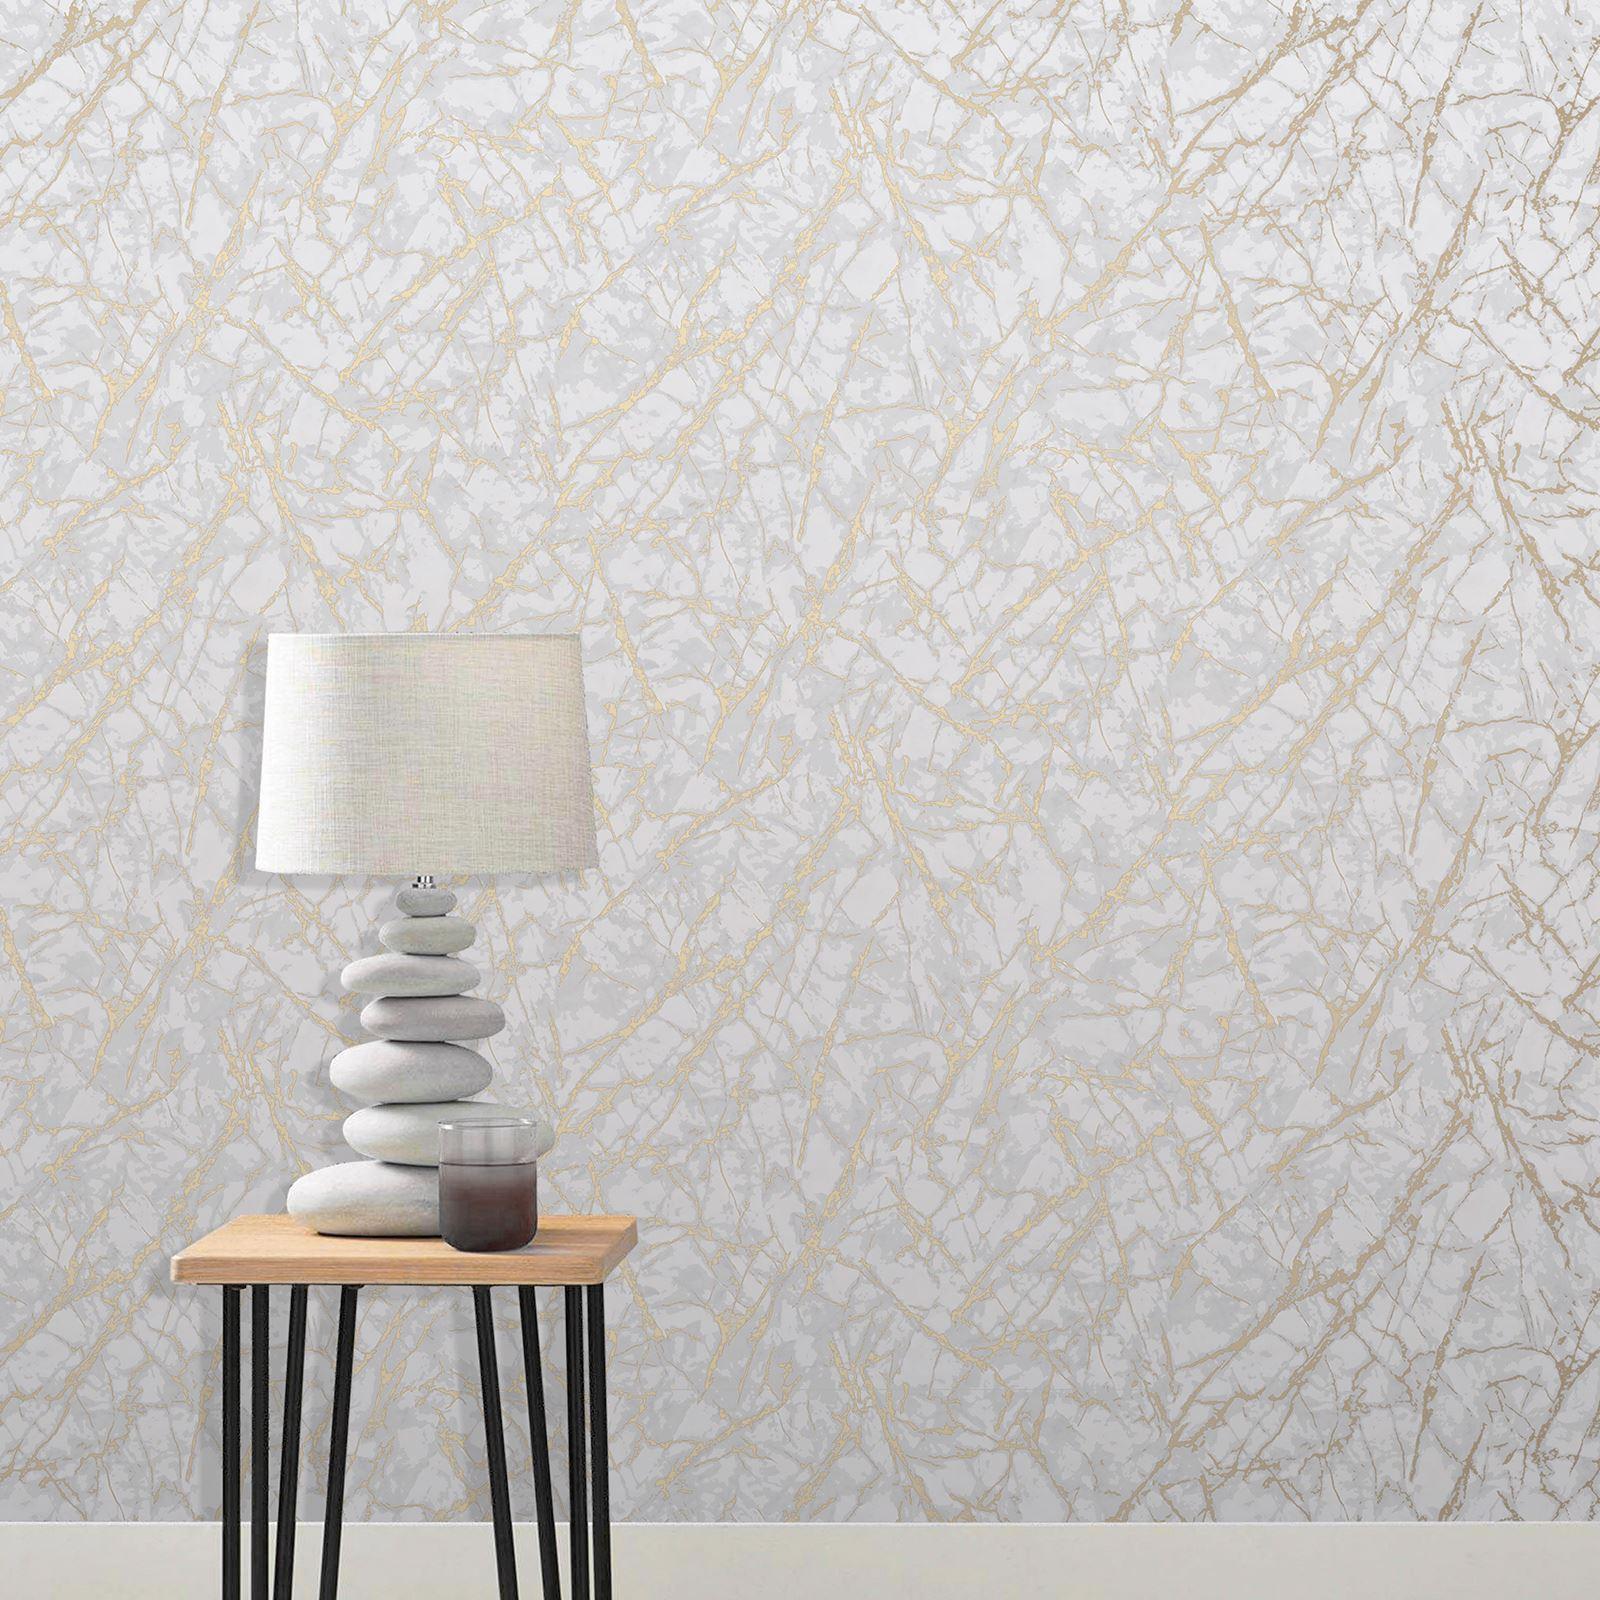 fine decor metallisch marmor tapete glatte oberfläche - rotgold